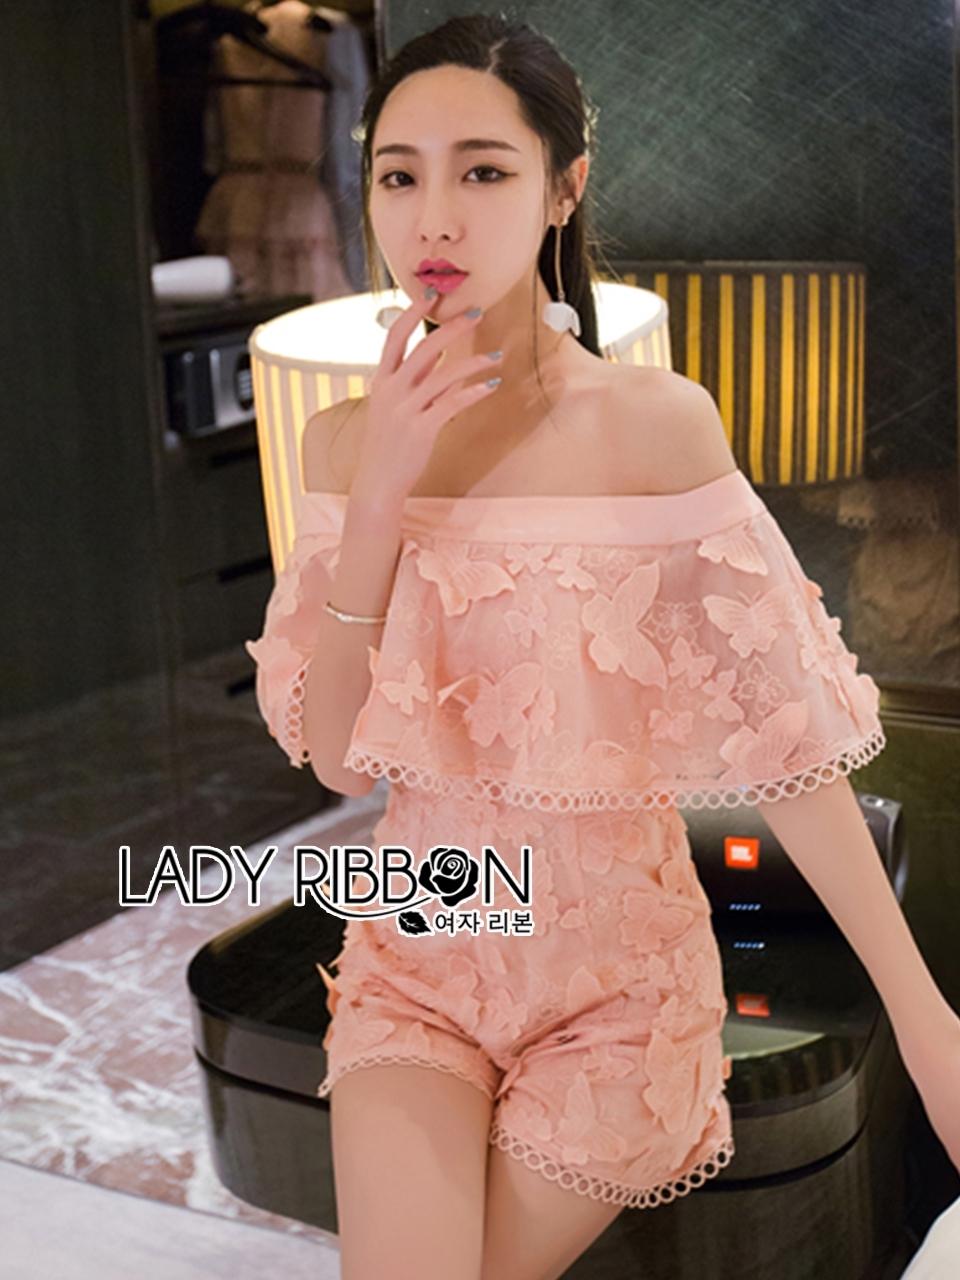 เสื้อผ้าเกาหลี พร้อมส่งเพลย์ทูทผ้าลูกไม้ปักลายผีเสื้อสีชมพูโอรสทรงเปิดไหล่